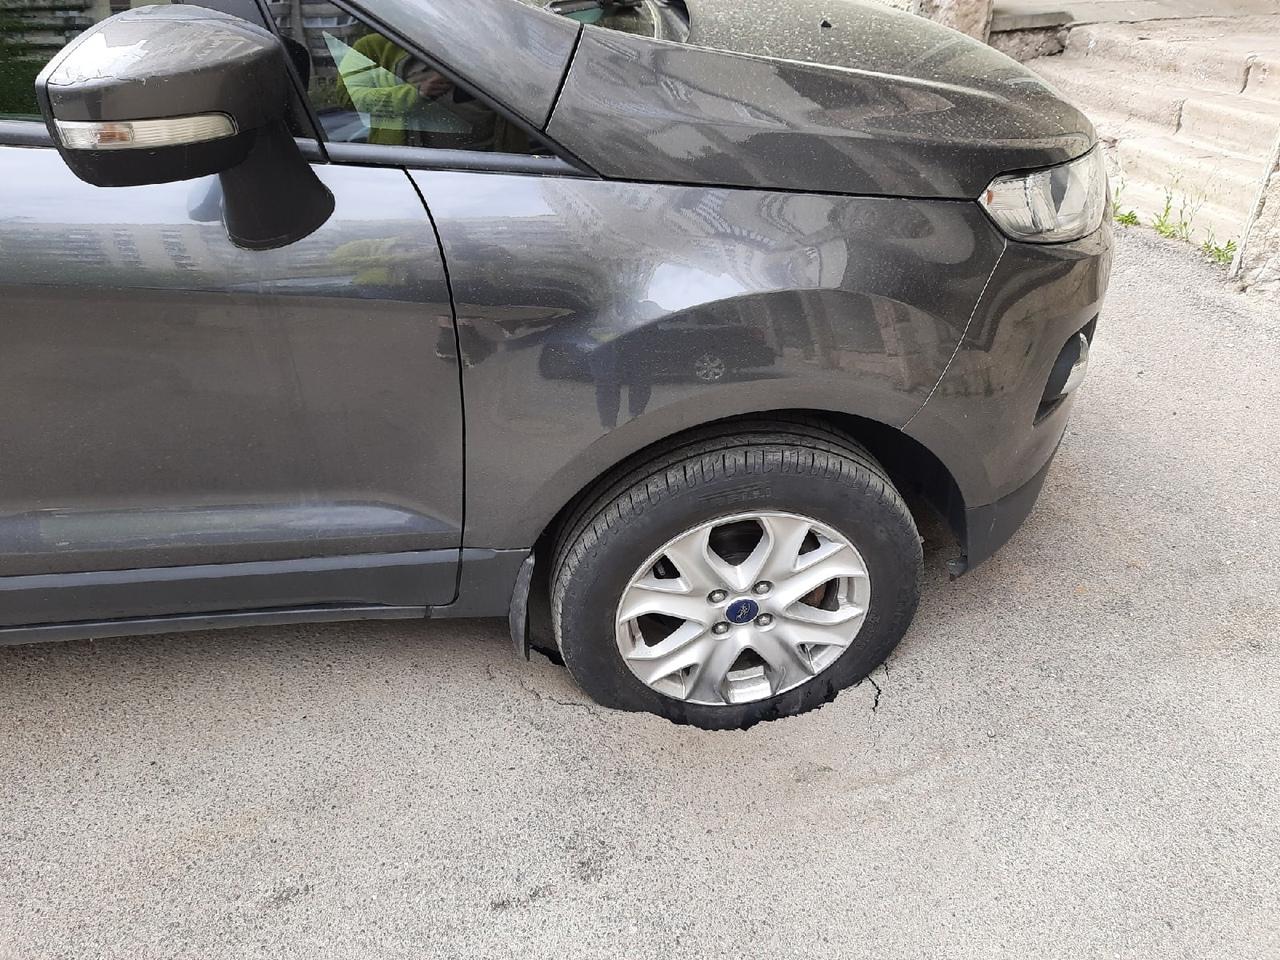 Ford Экоспорт потихоньку уходит под землю у дома 9 по Выборгскому шоссе